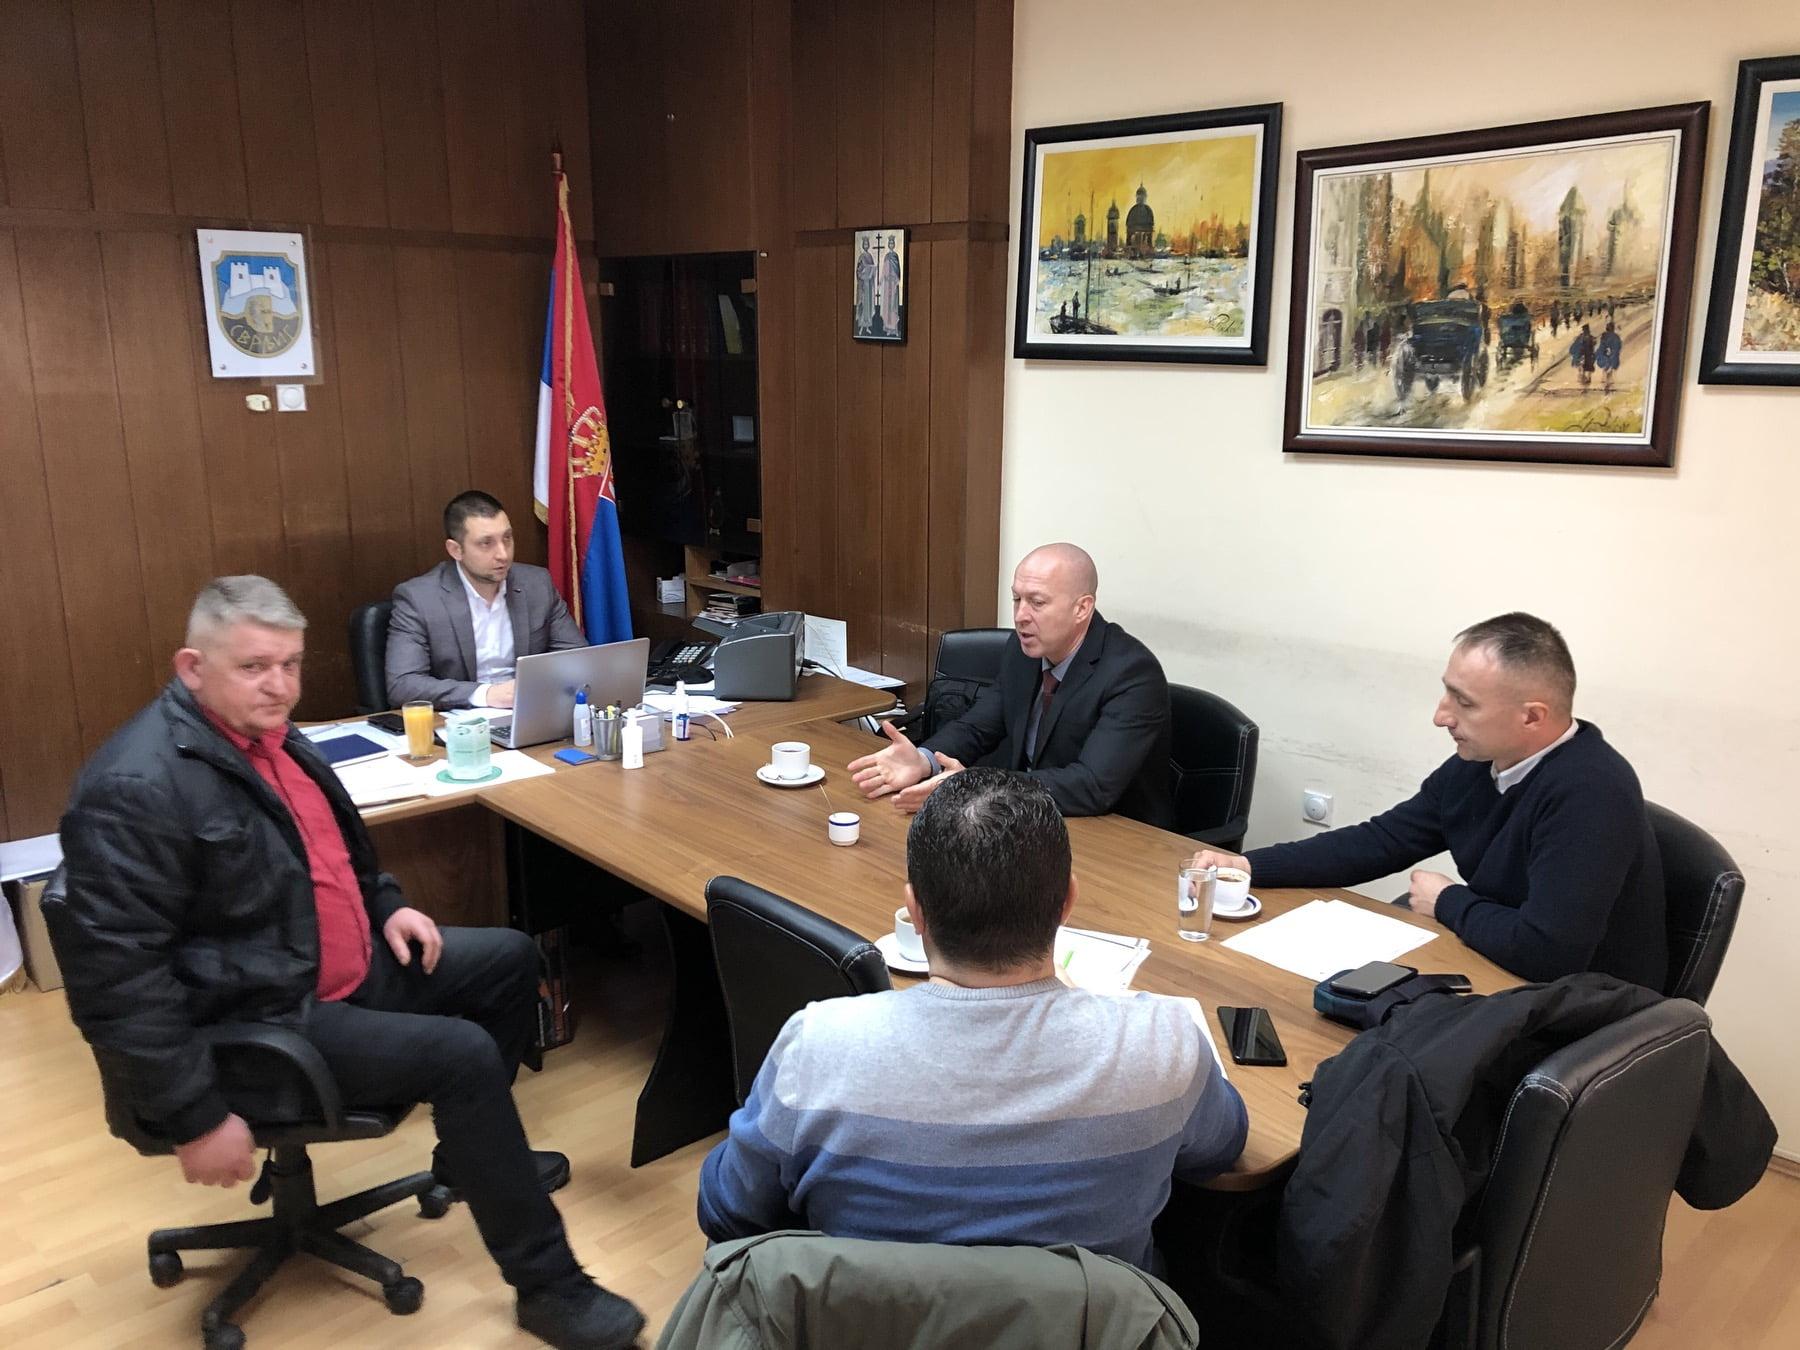 Foto: Opština Svrljig, zvaničan sajt